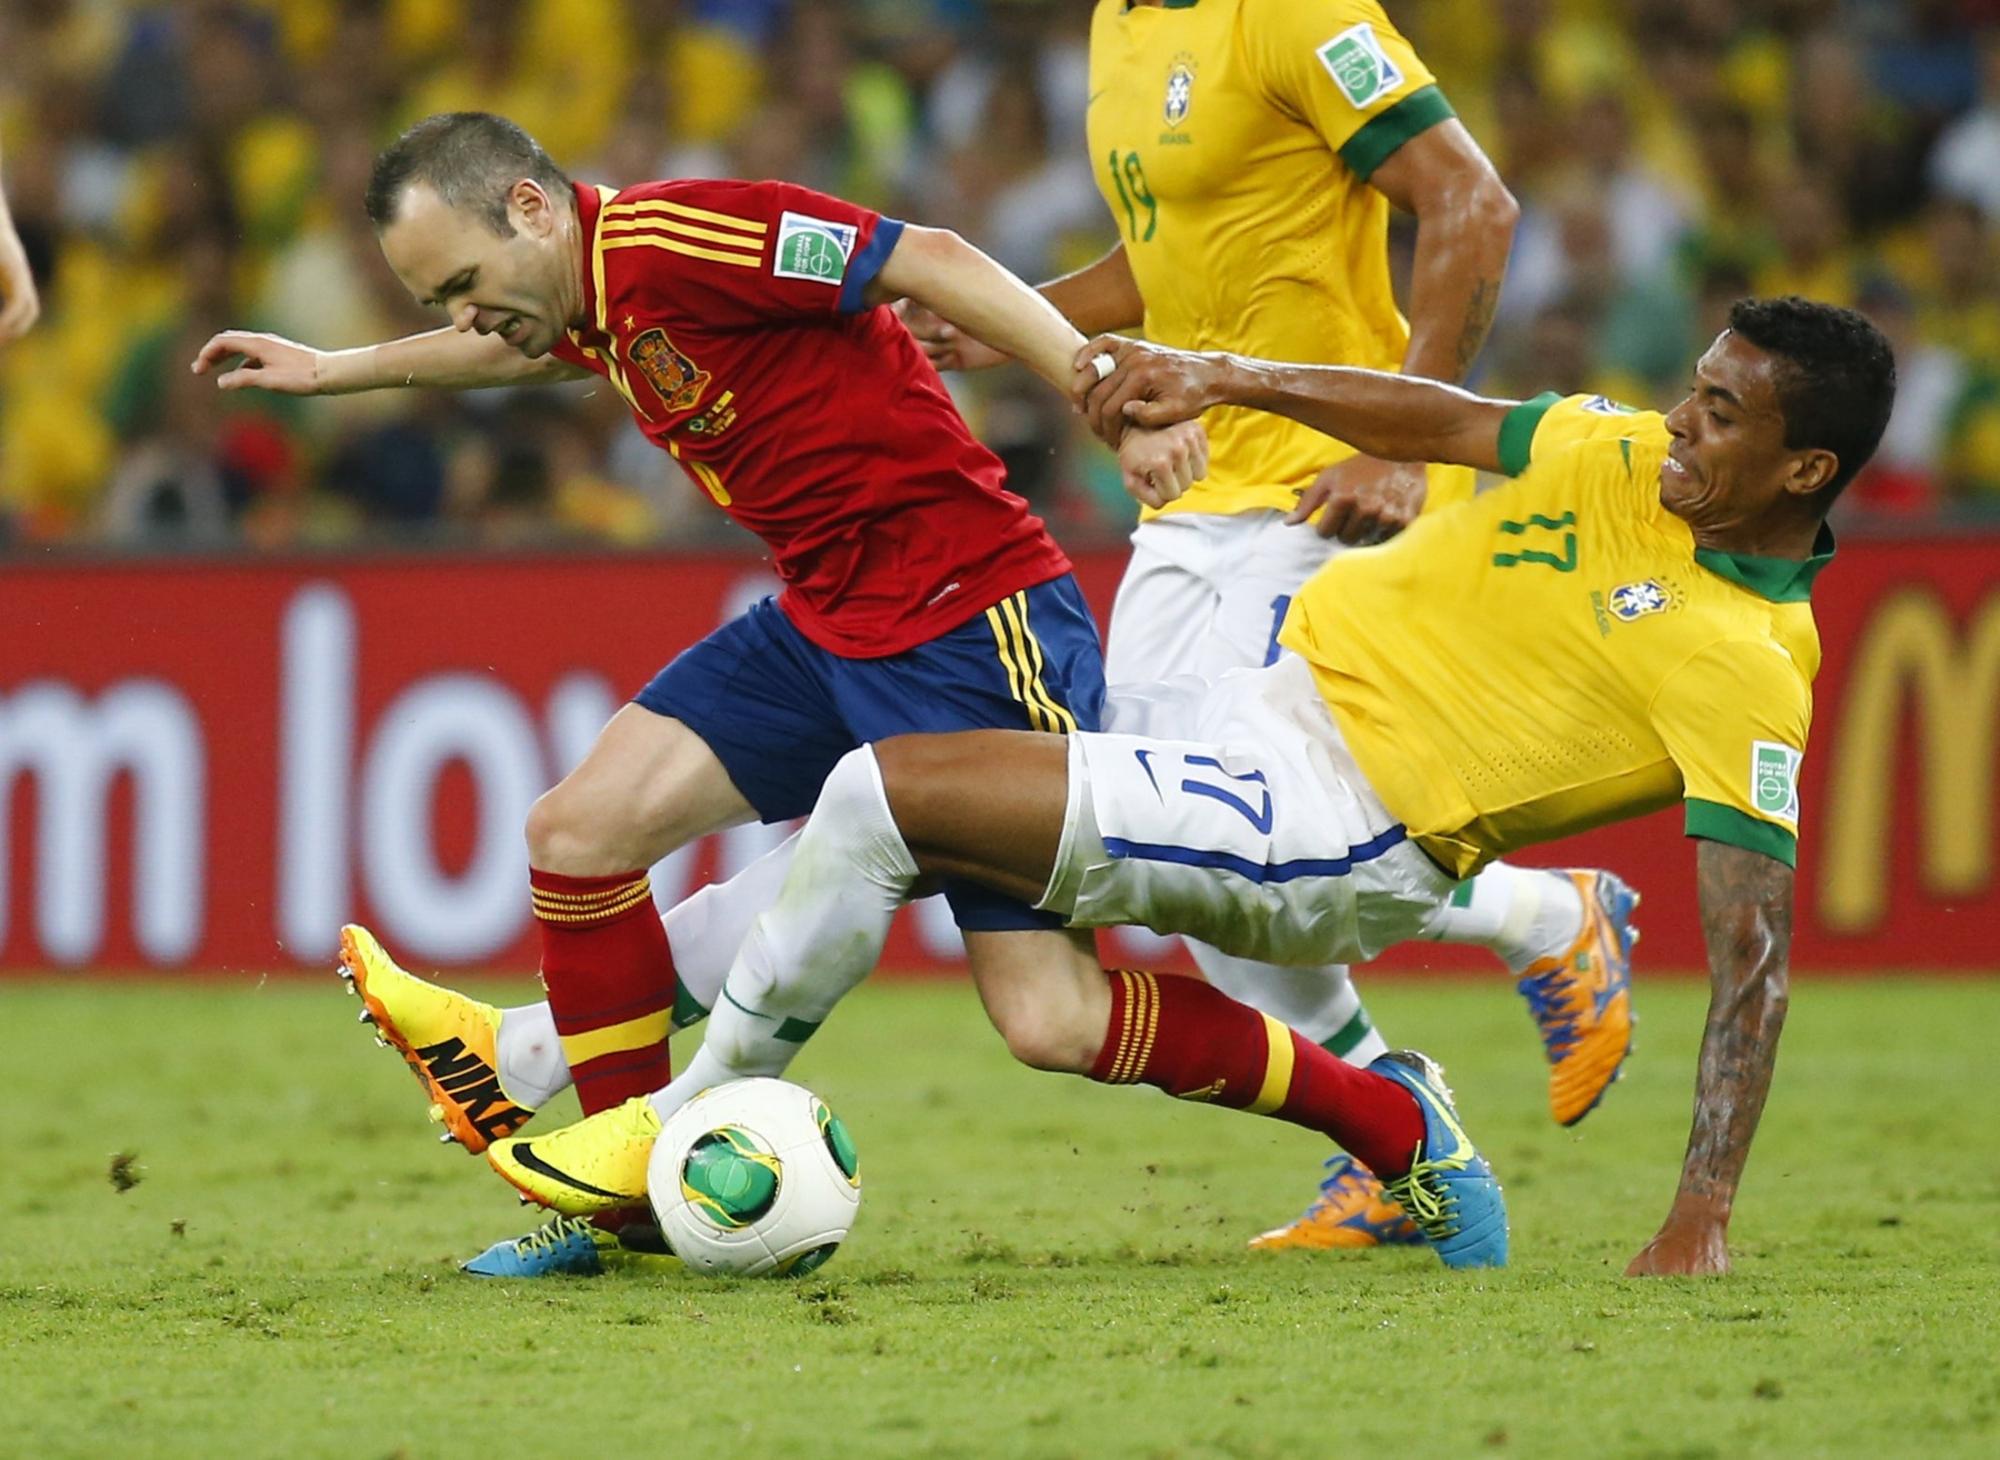 видео футбол испания против австралии сомнений понравится